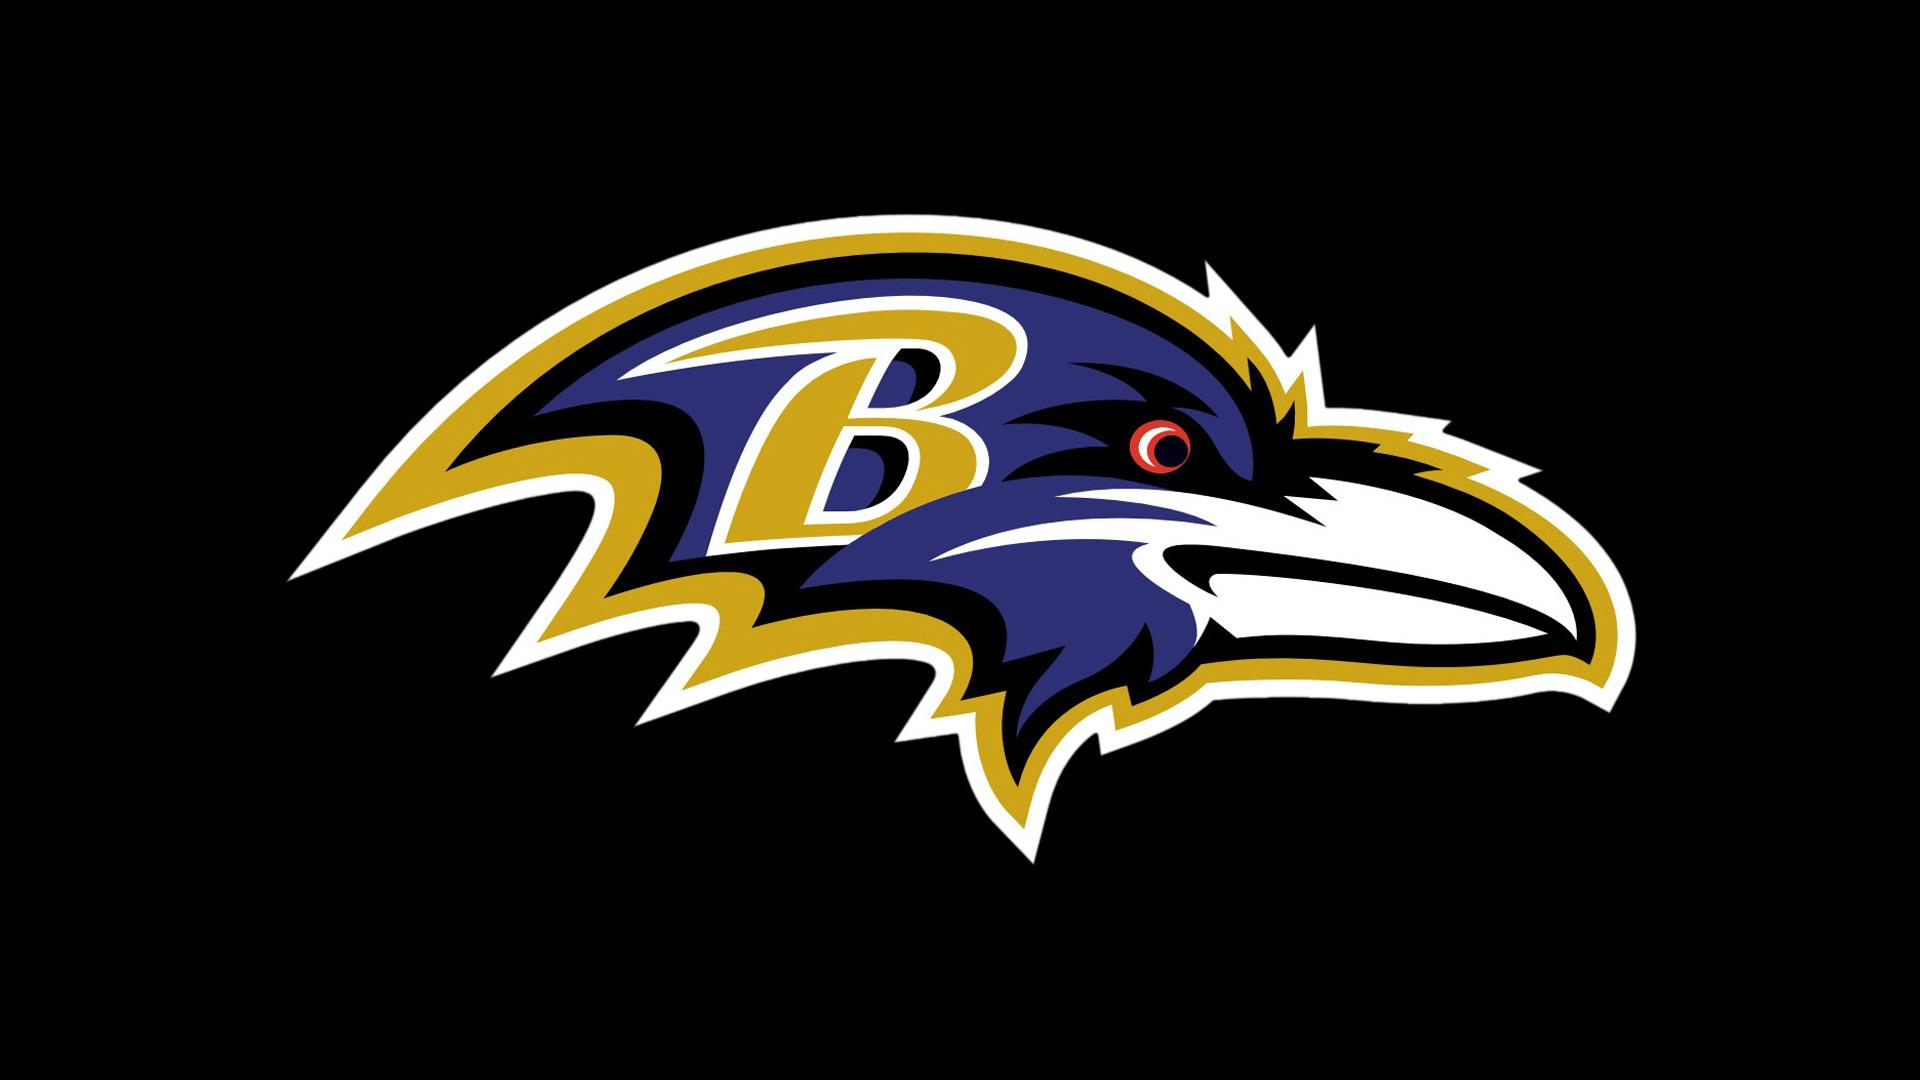 1920x1080 1920x1080px Baltimore Ravens 168.37 Kb